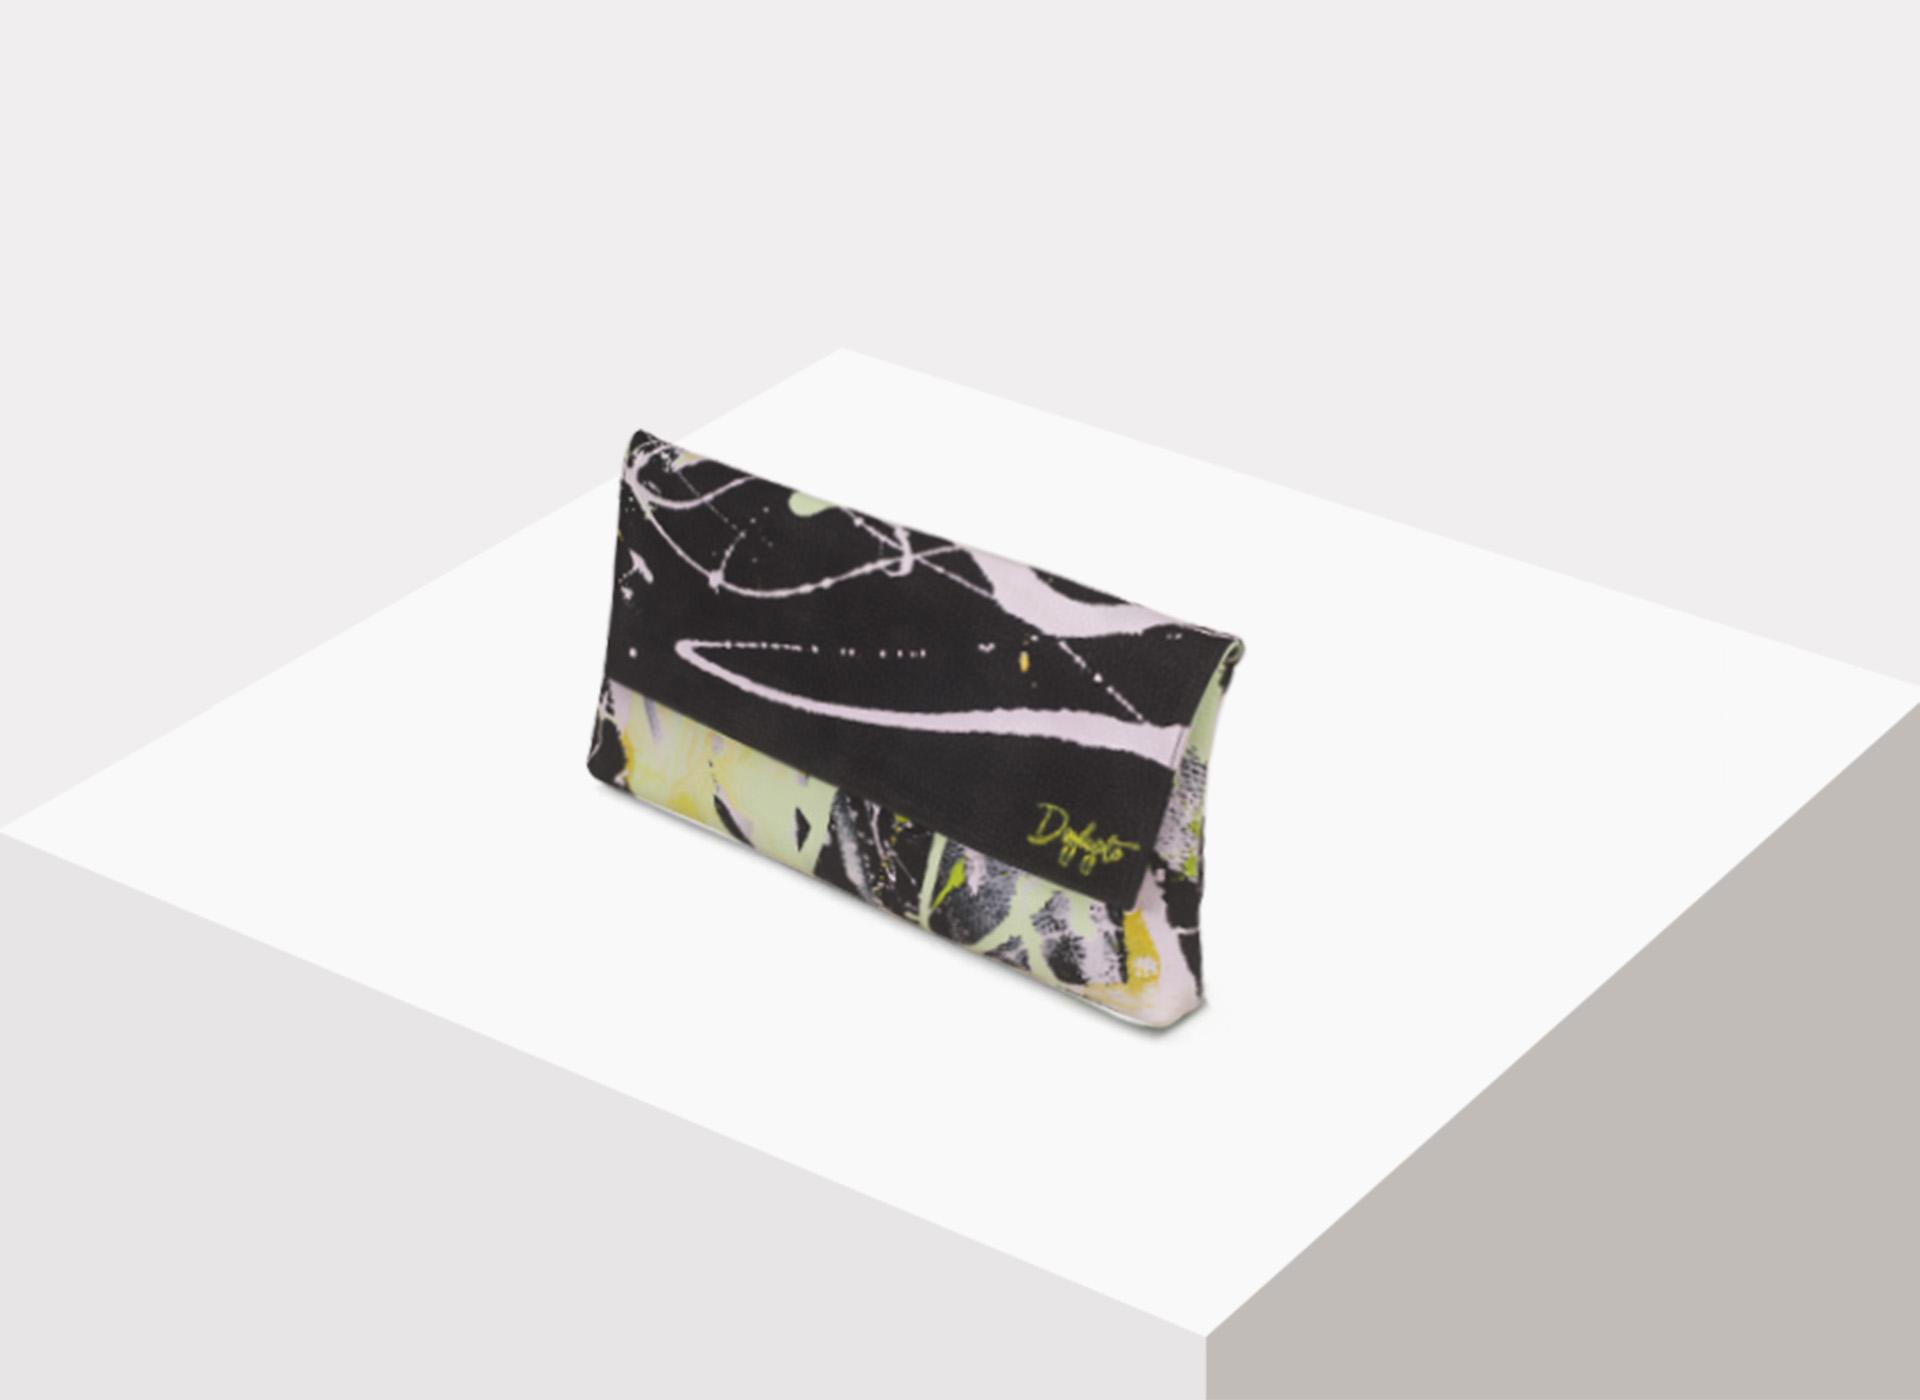 Bonsai 50150277-1 - Deglupta